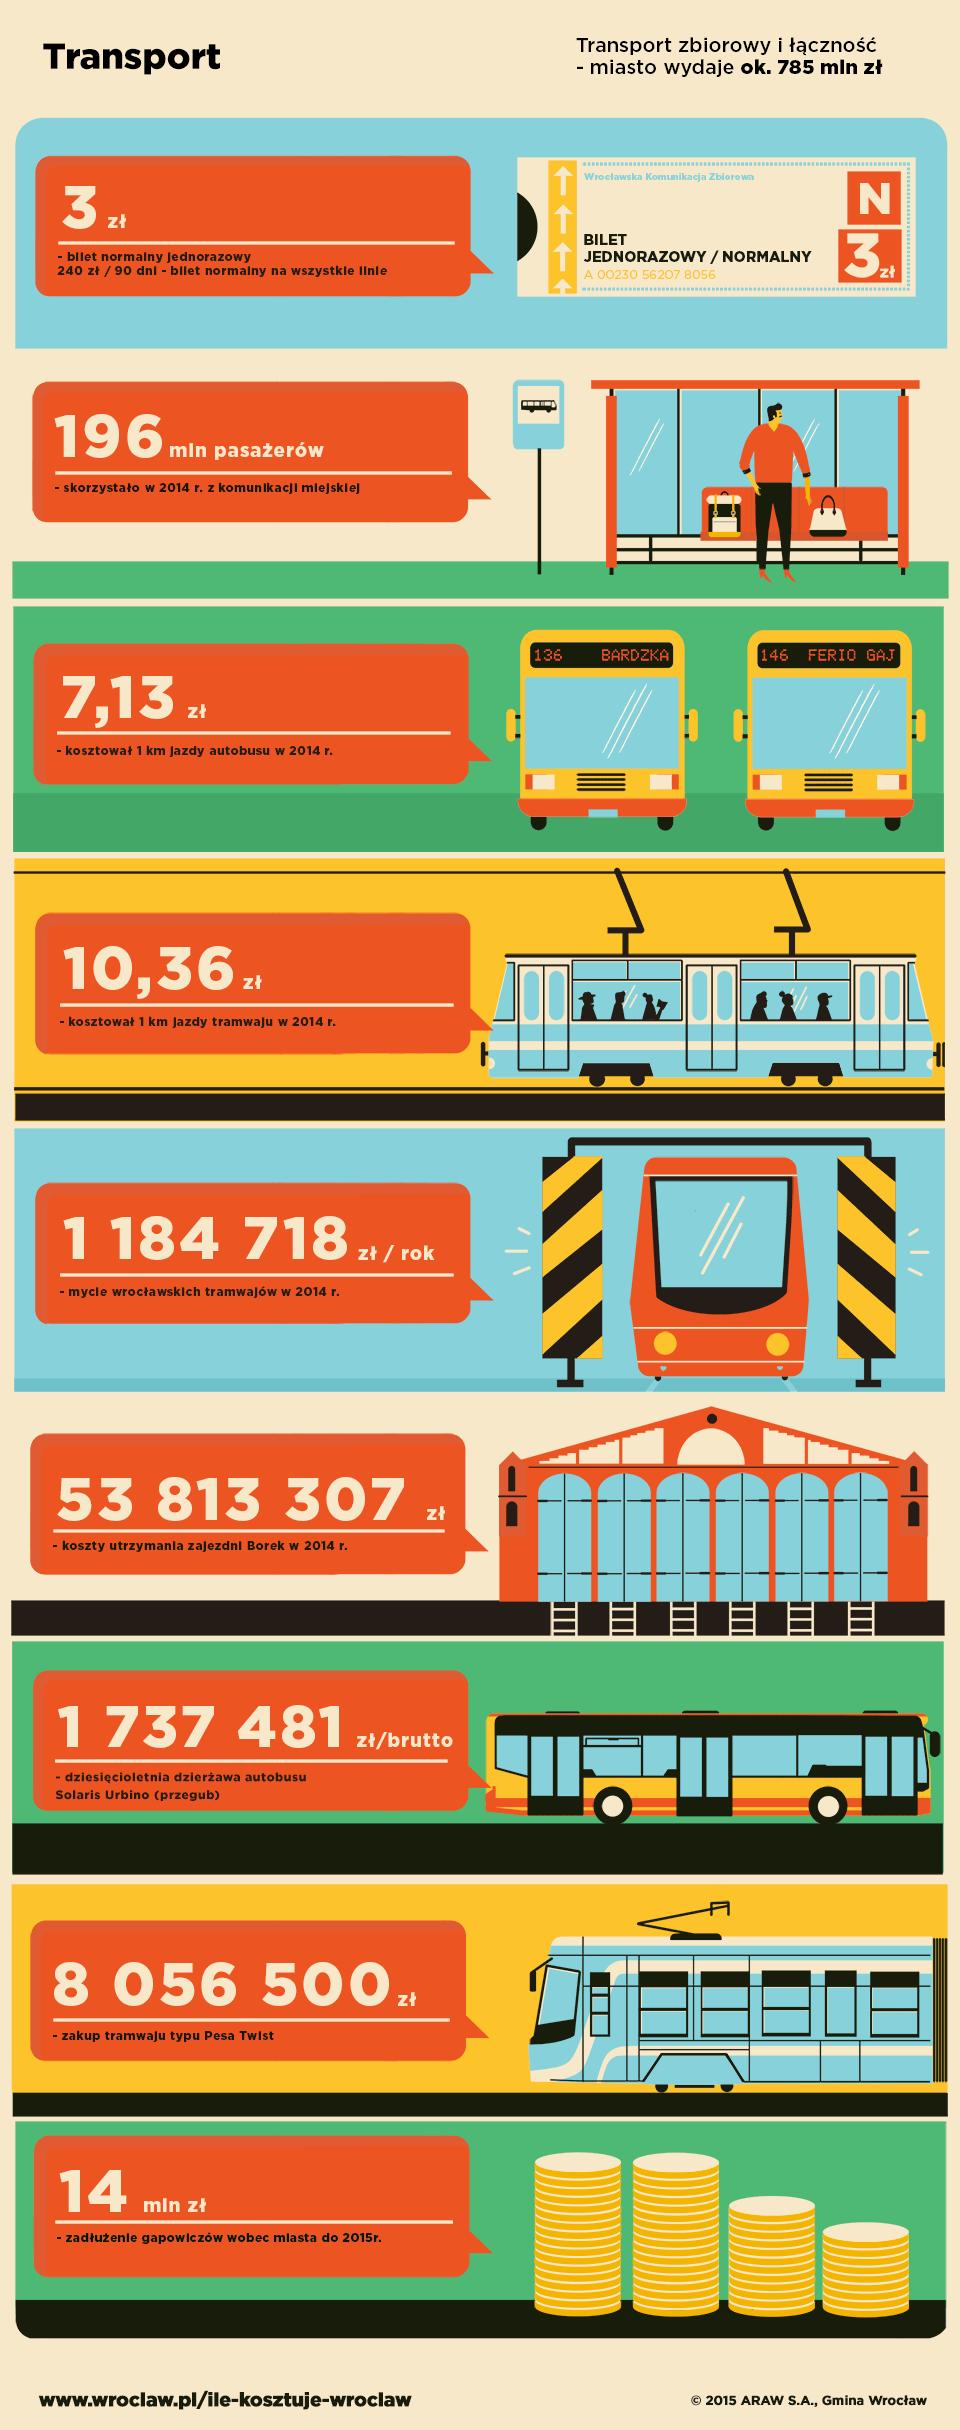 Transport zbiorowy i łączność - miasto wydaje ok. 785 mln zł